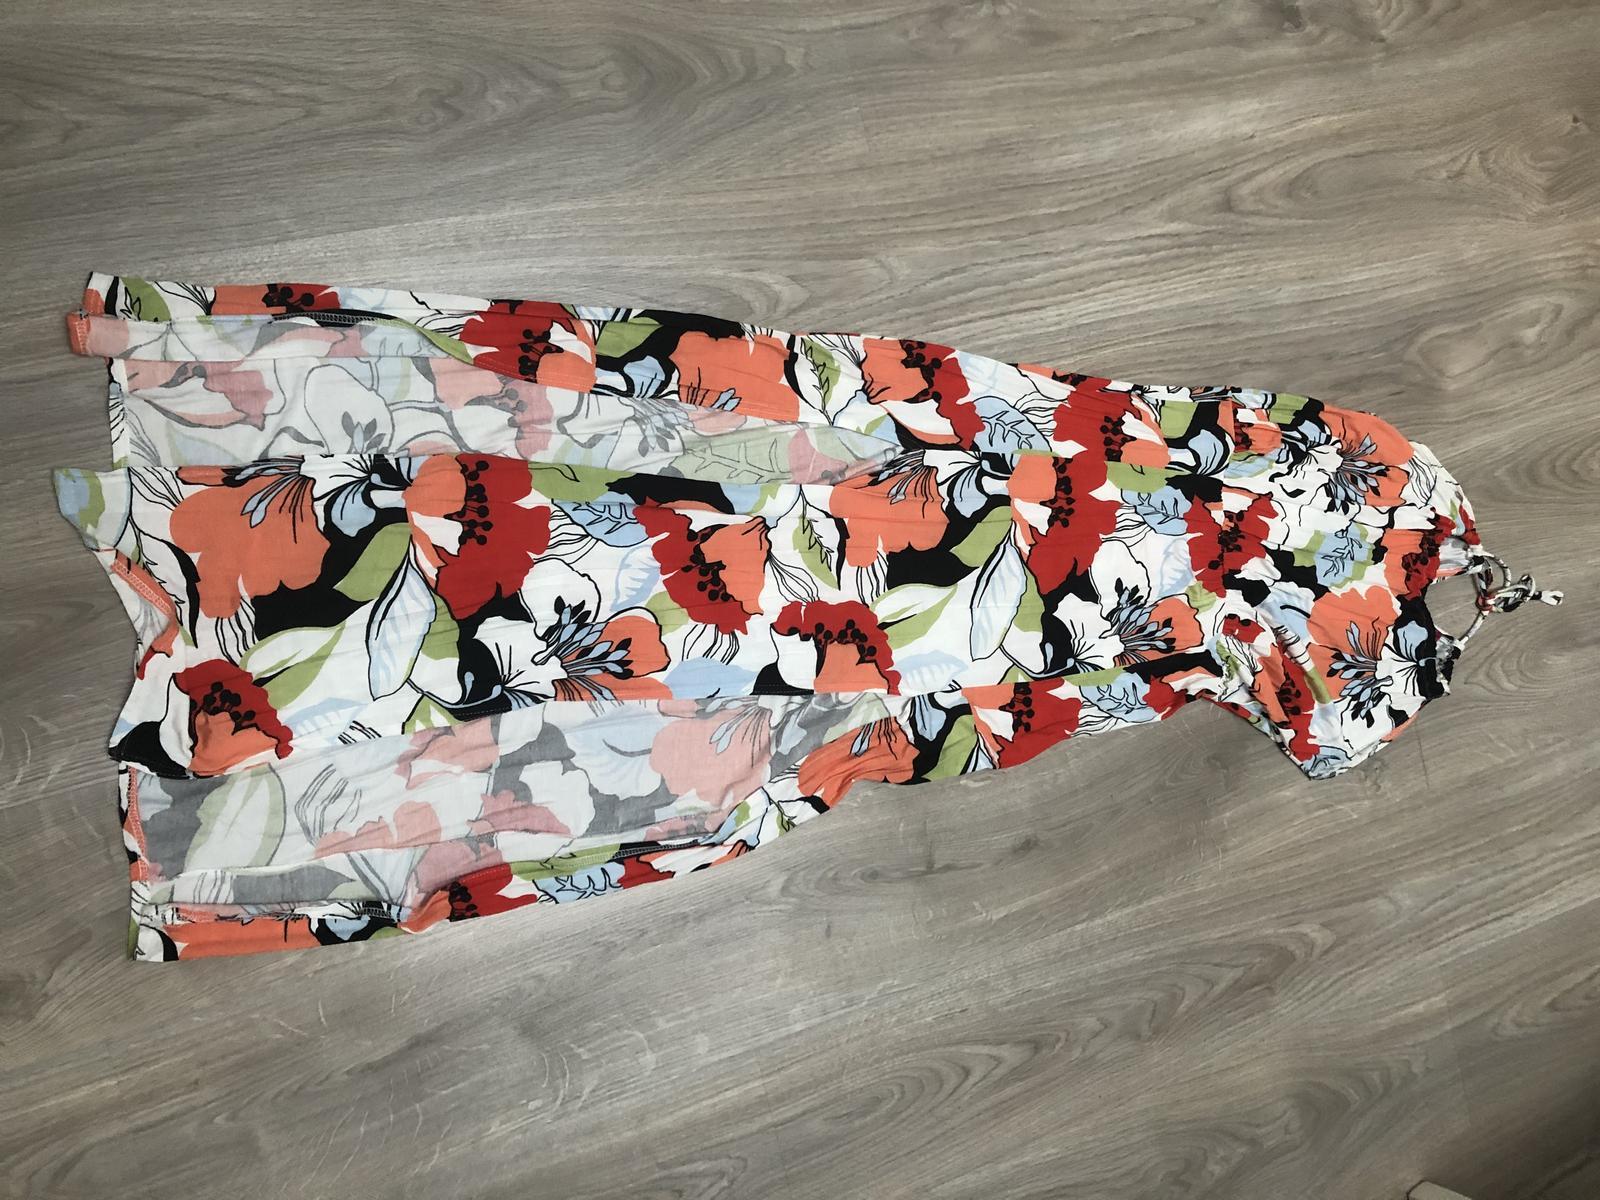 Letné dlhé šaty - Obrázok č. 1